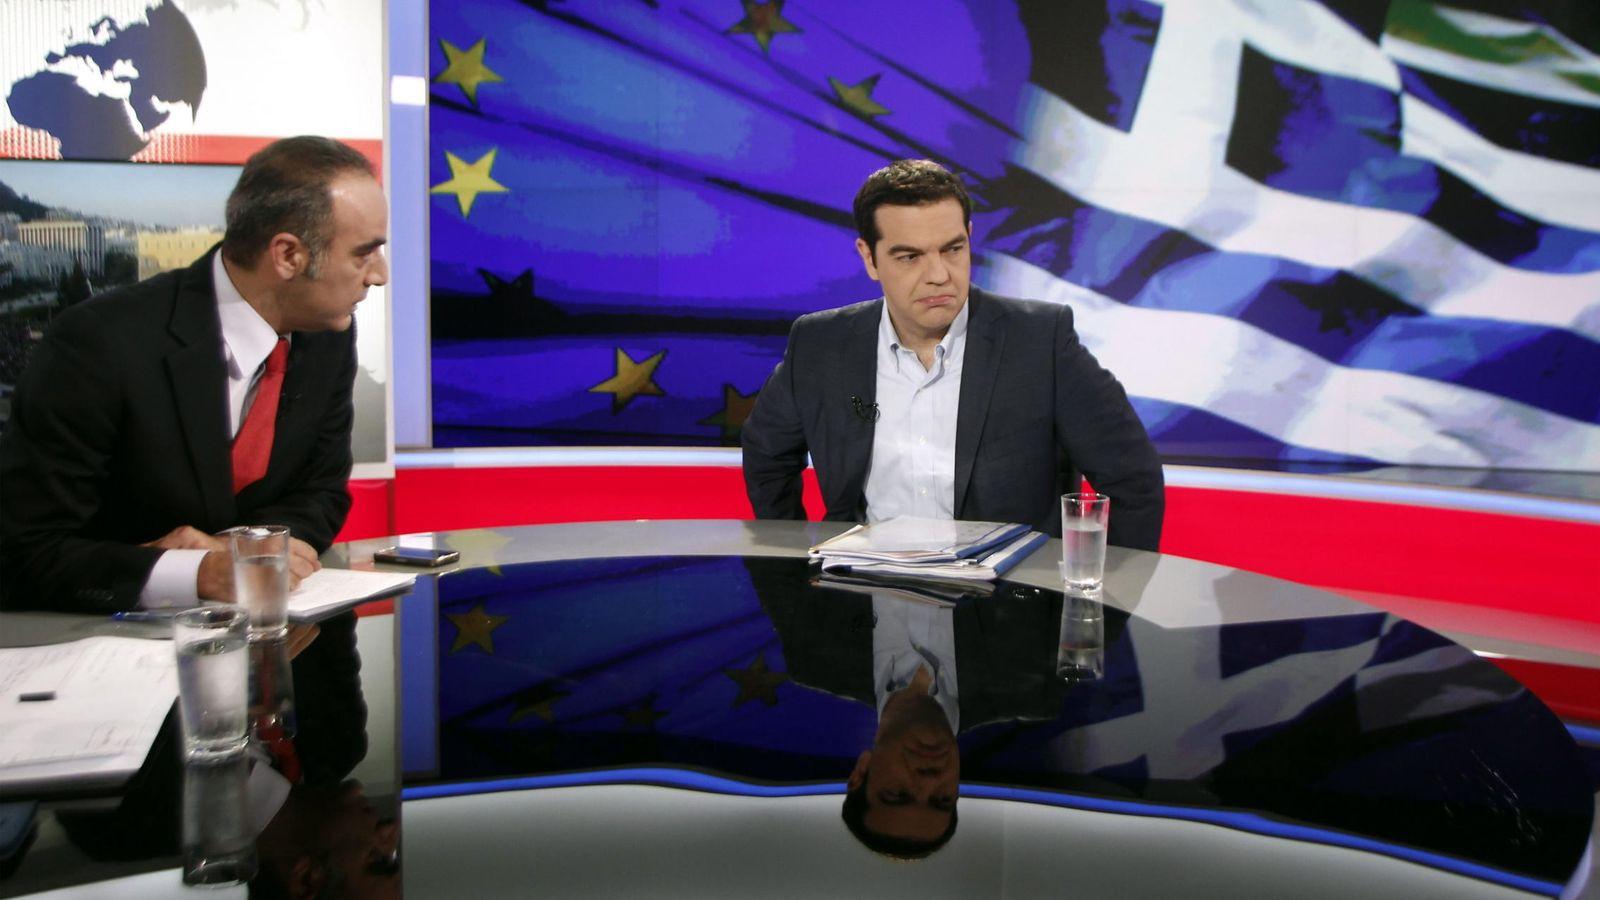 Foto: El Primer ministro de Grecia, Alexis Tsipras. (Efe)